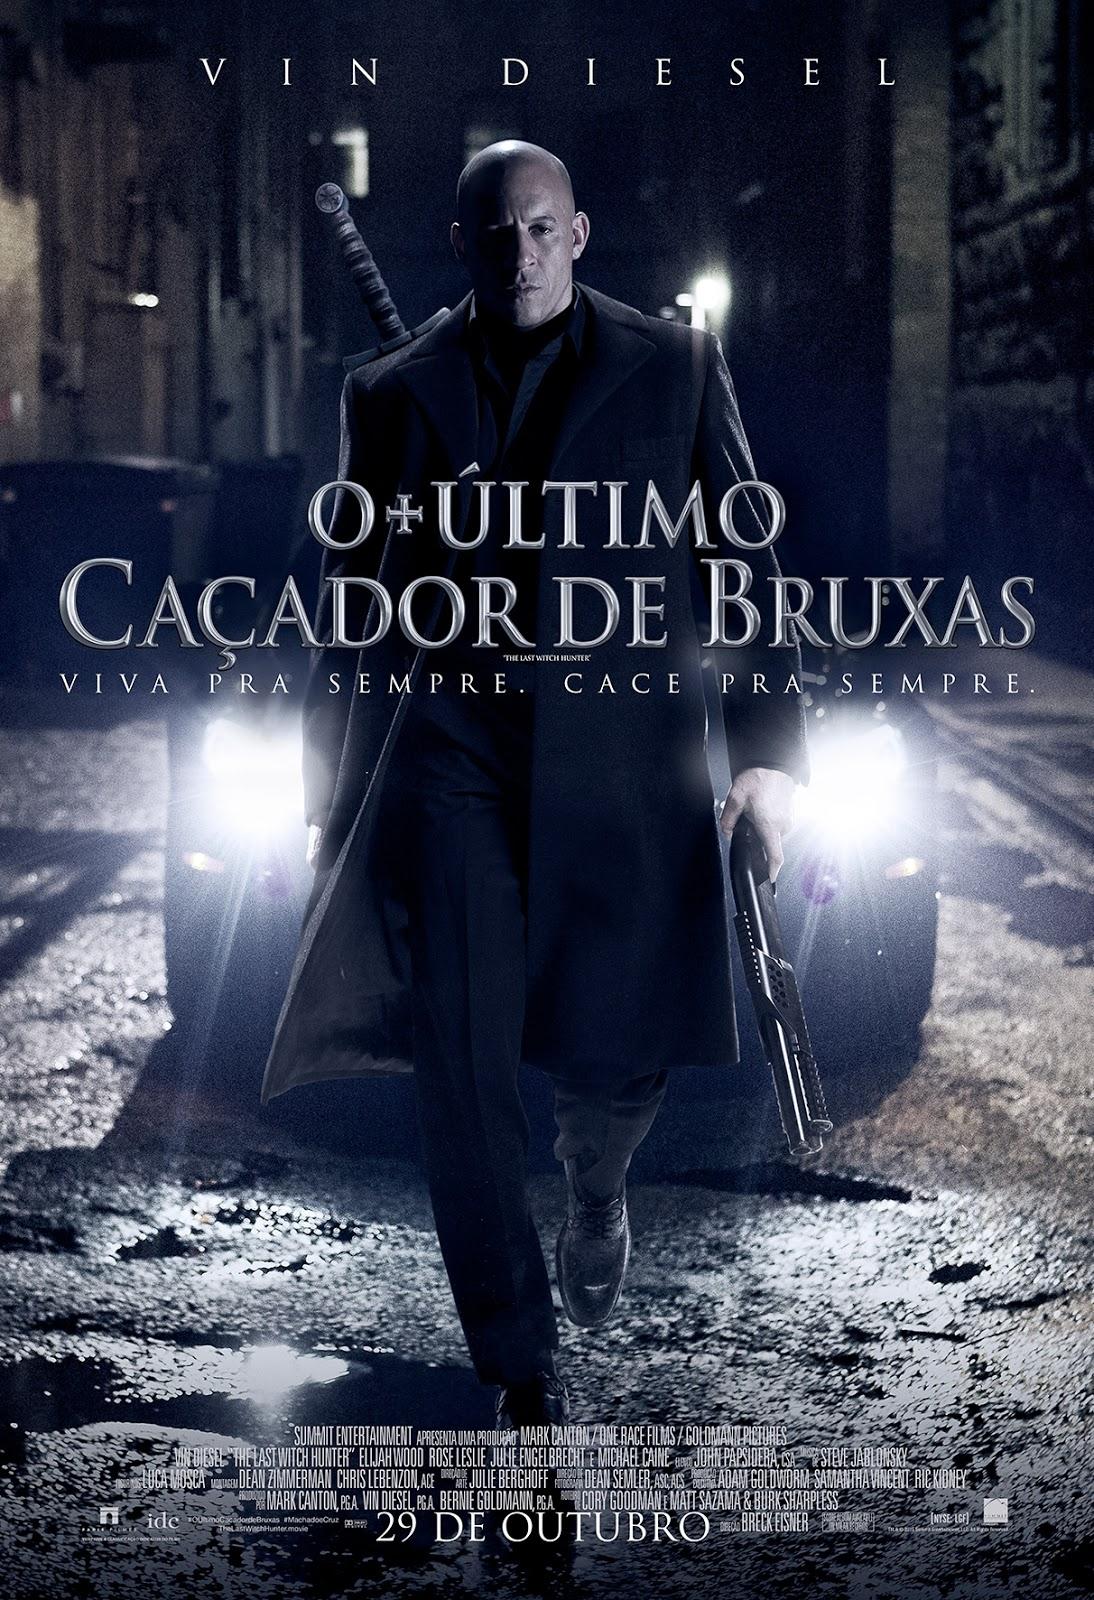 O Último Caçador de Bruxas - Full HD 1080p - Legendado